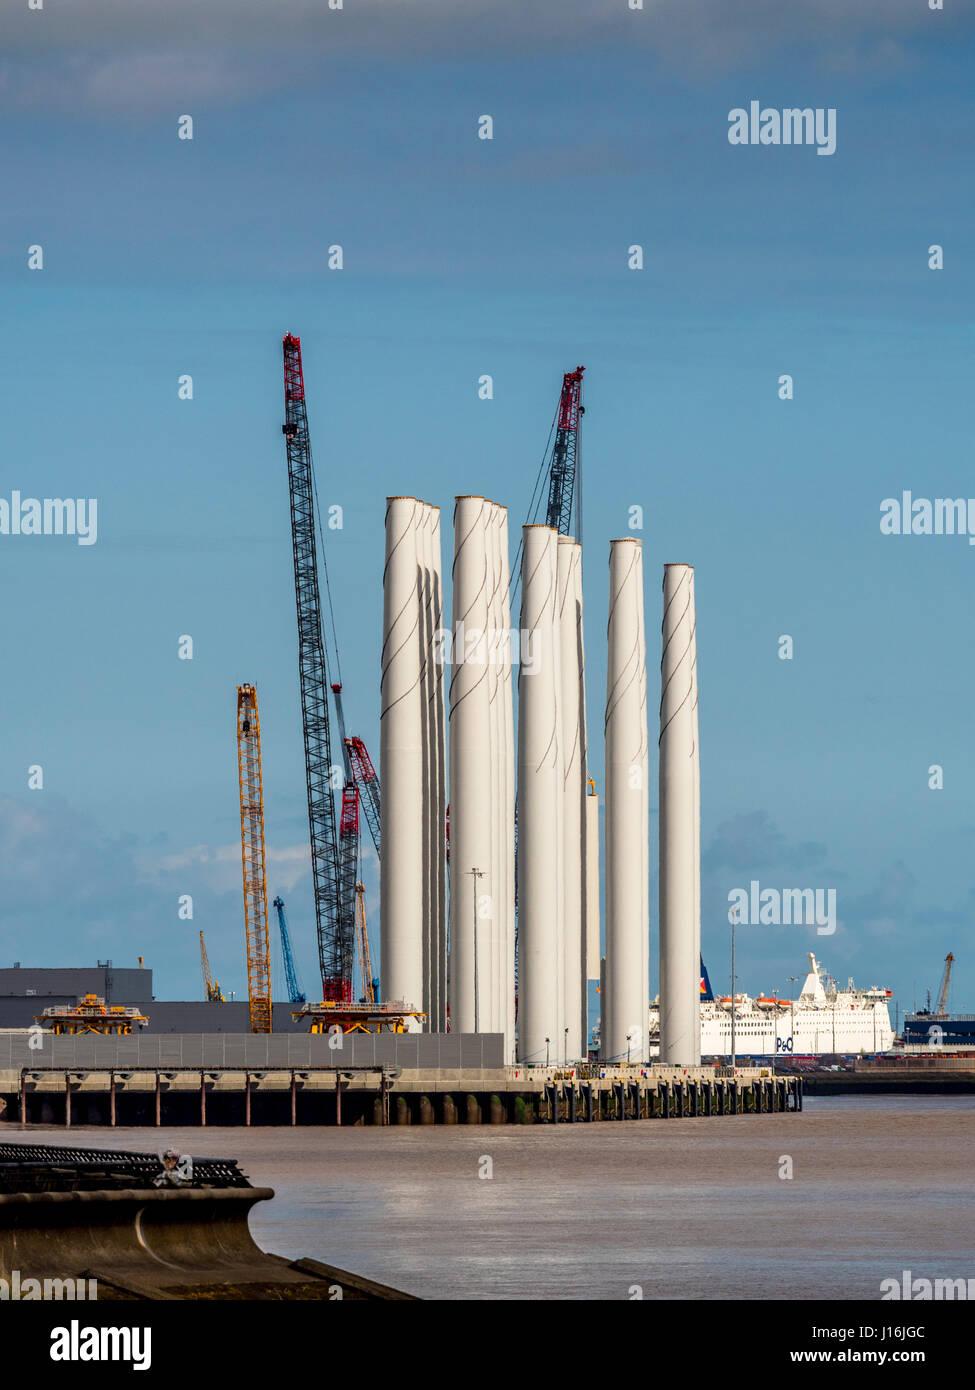 Siemens Blade Factory, Alexandra Dock, Hull, UK. Stock Photo